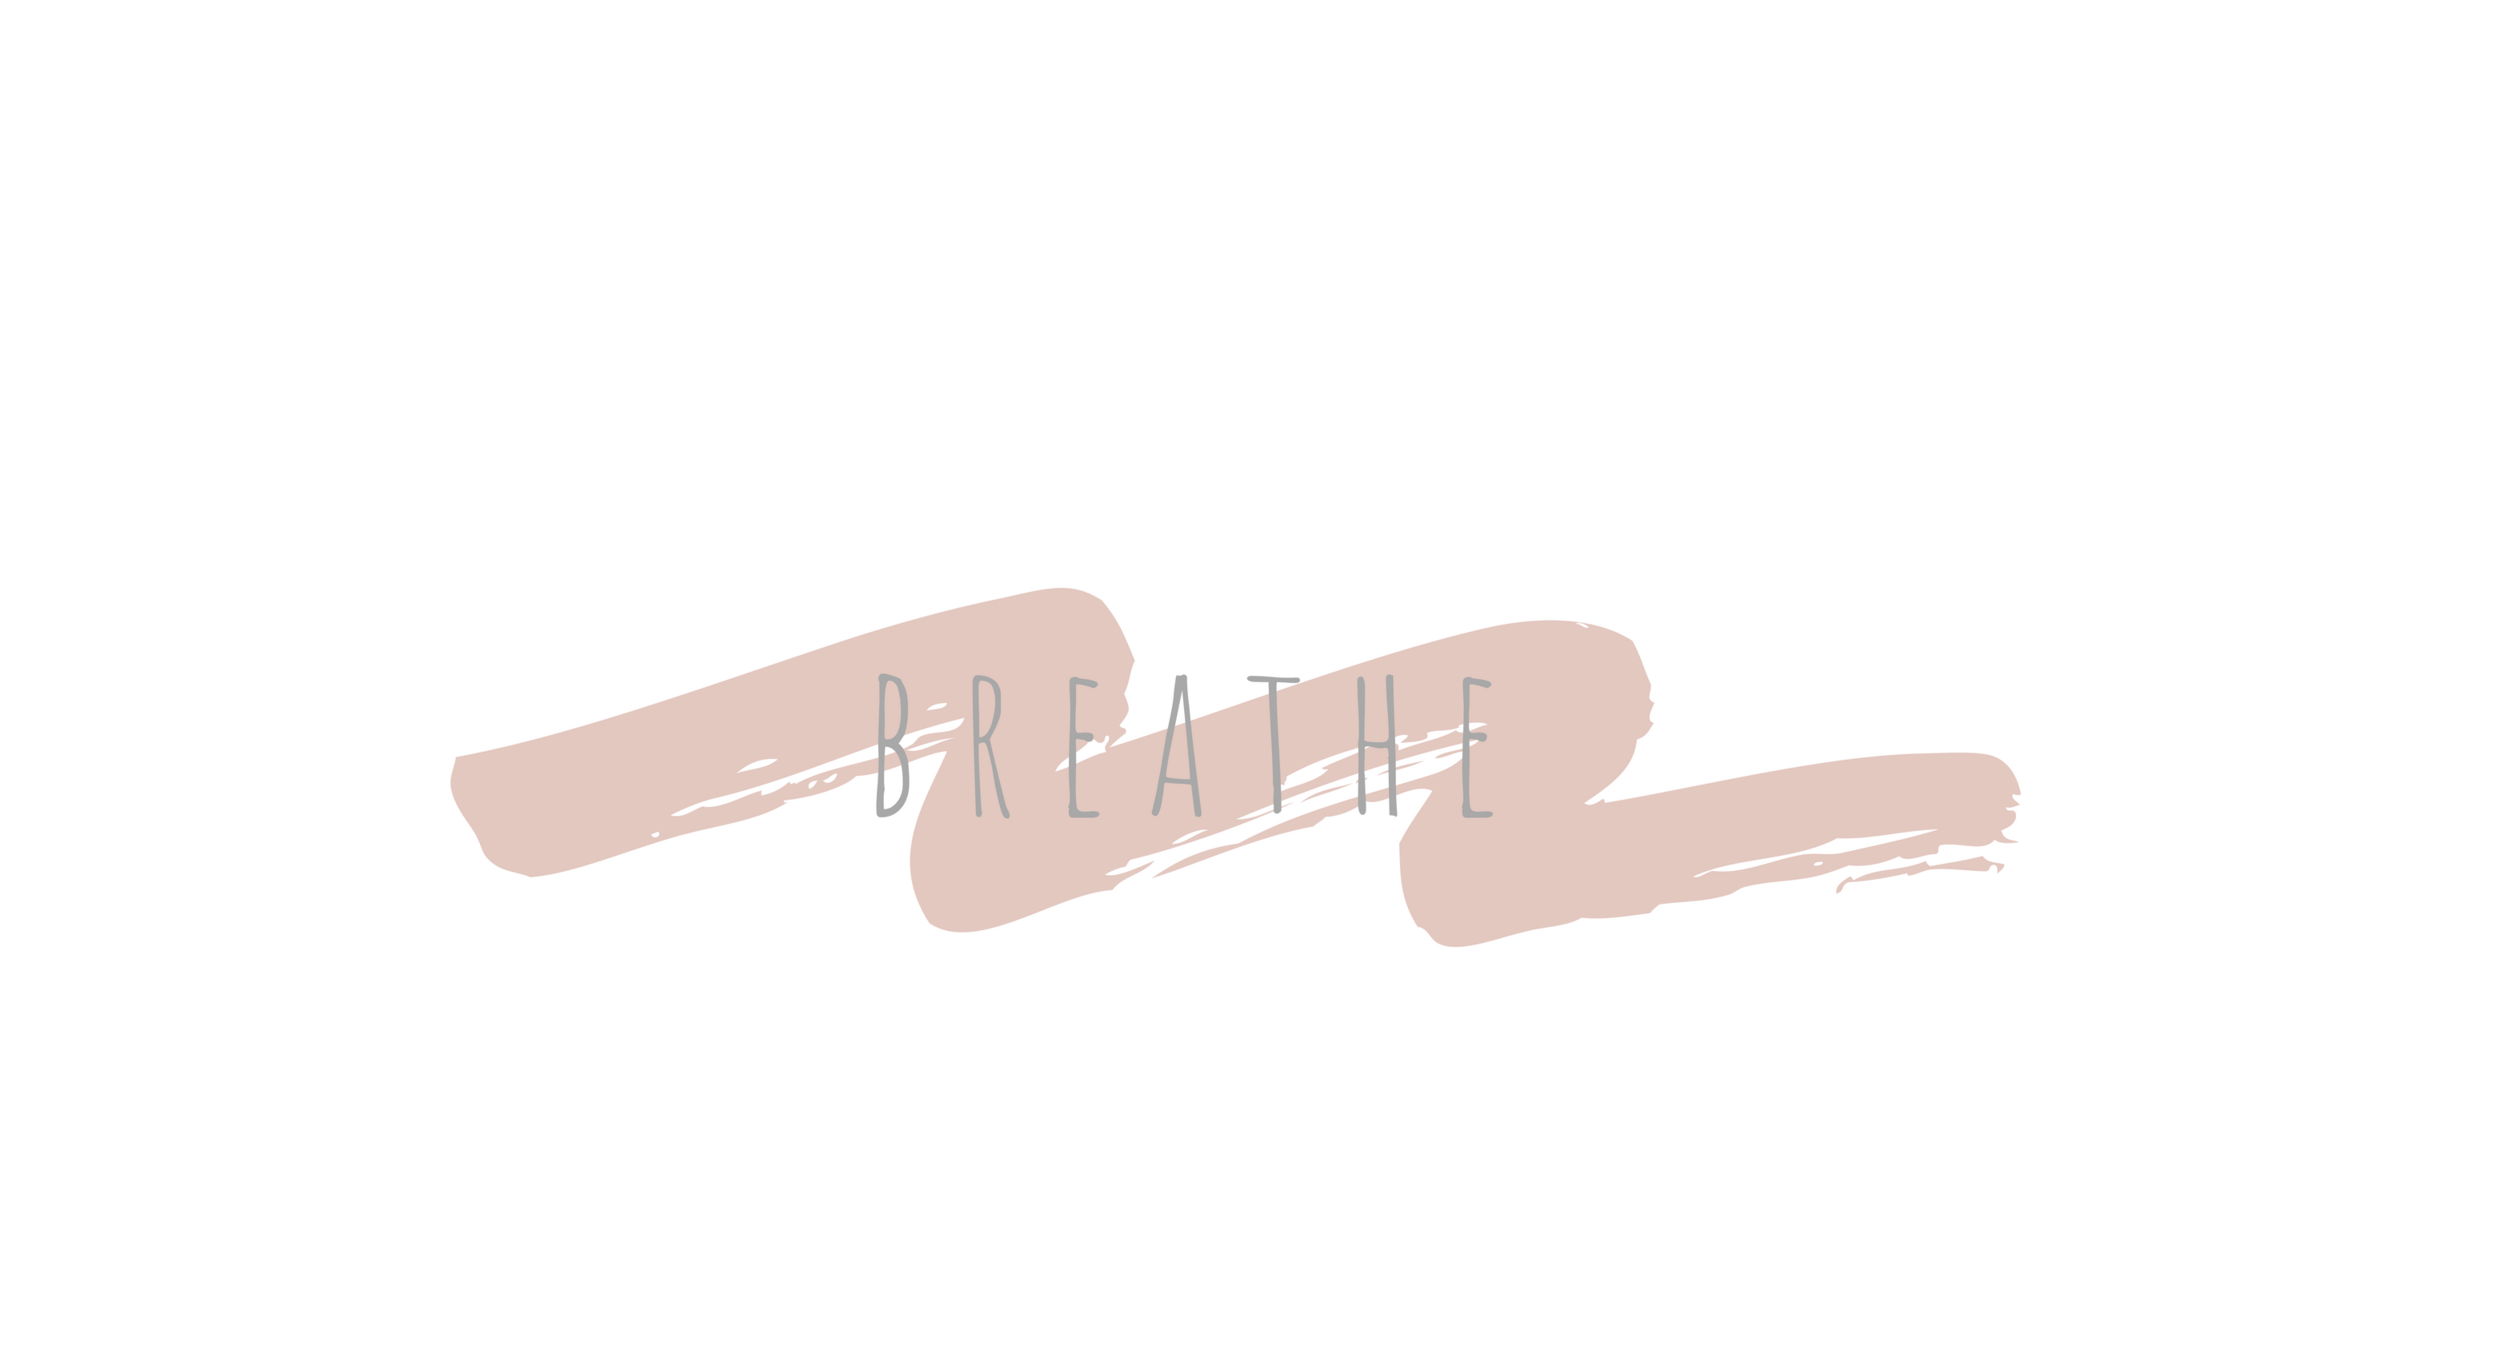 breathe design.png